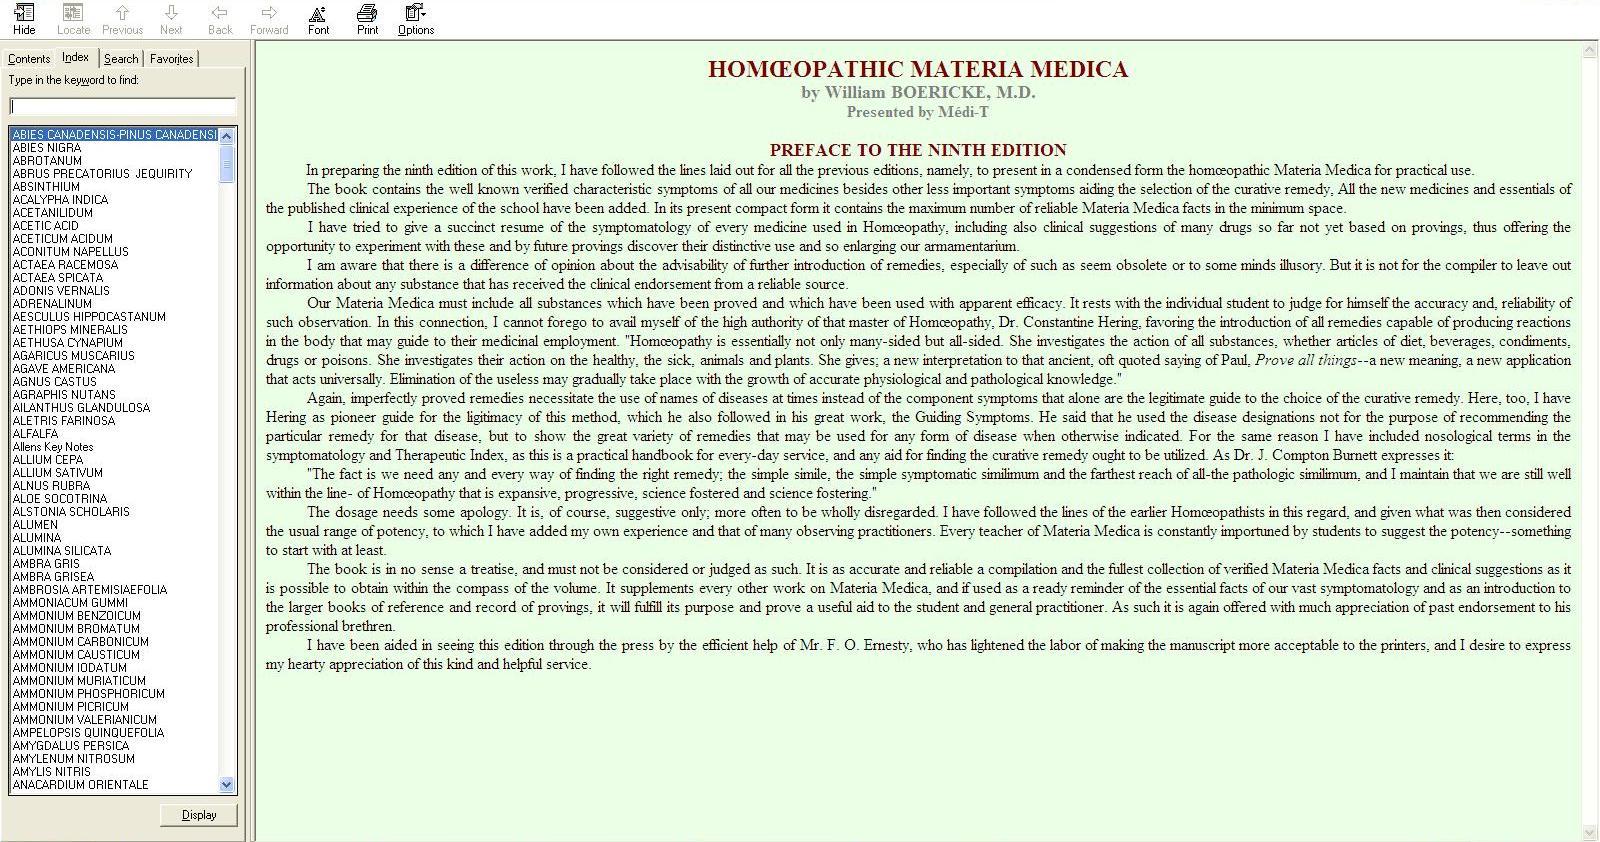 Homeopathic Materia Medica - William Boericke